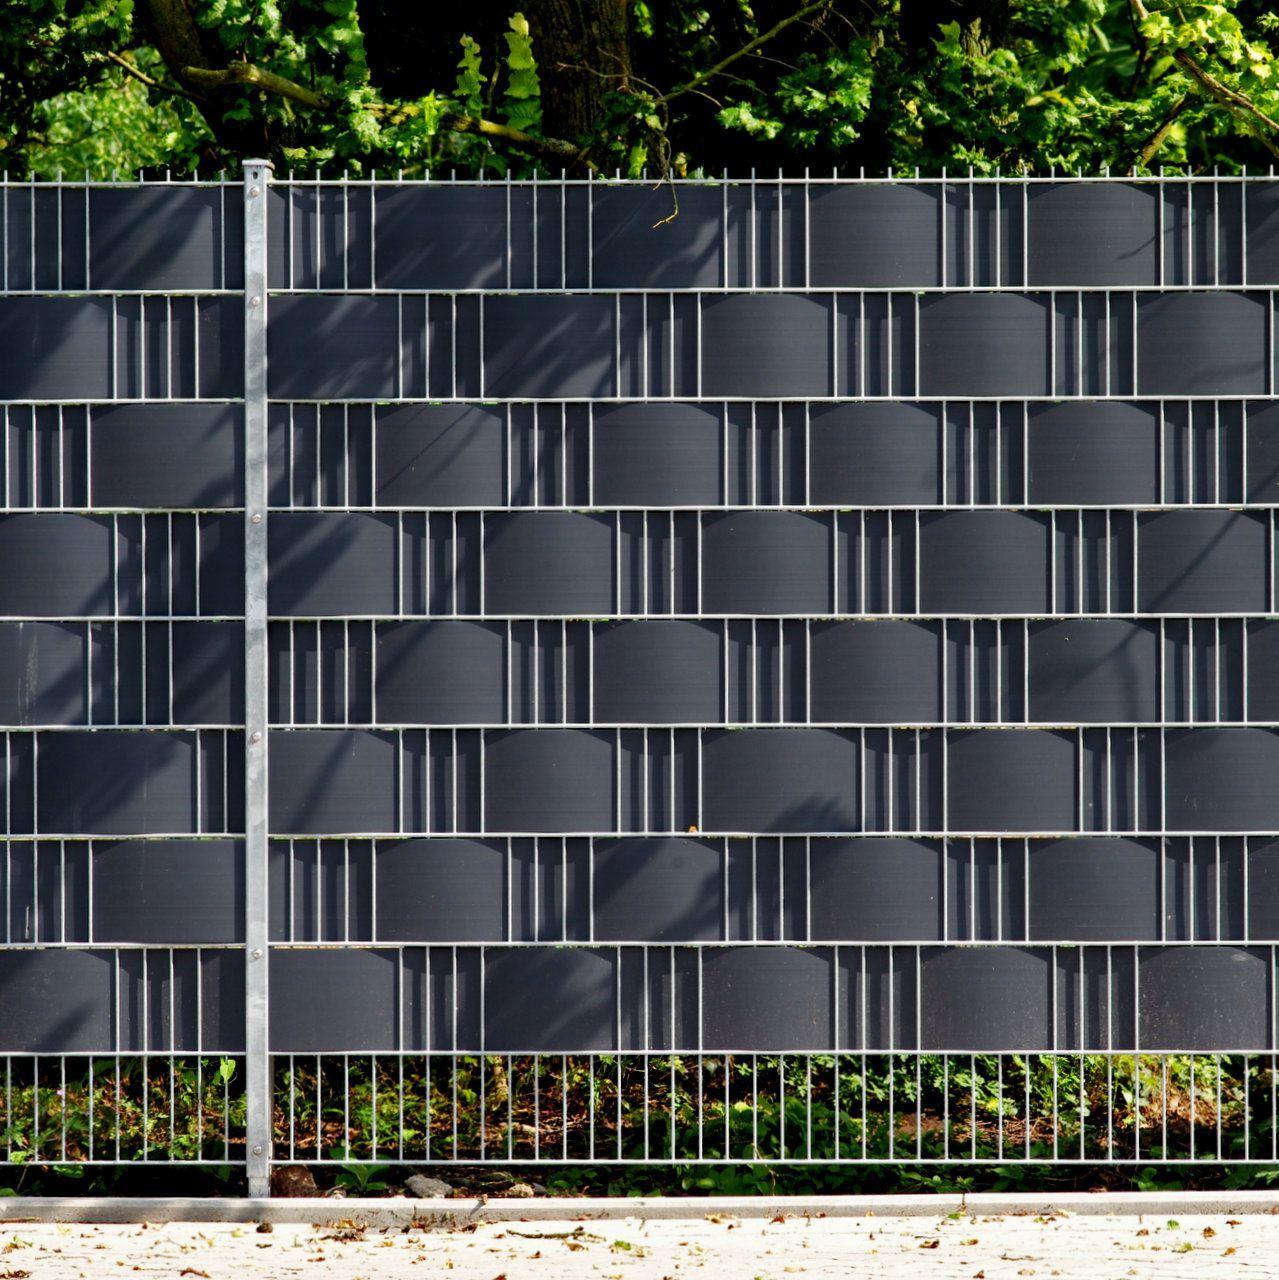 Sichtschutz Am Zaun Sofort Blickdicht Doppelstabmattenzaun Sichtschutz Garten Zaun Sichtschutz Garten Gunstig